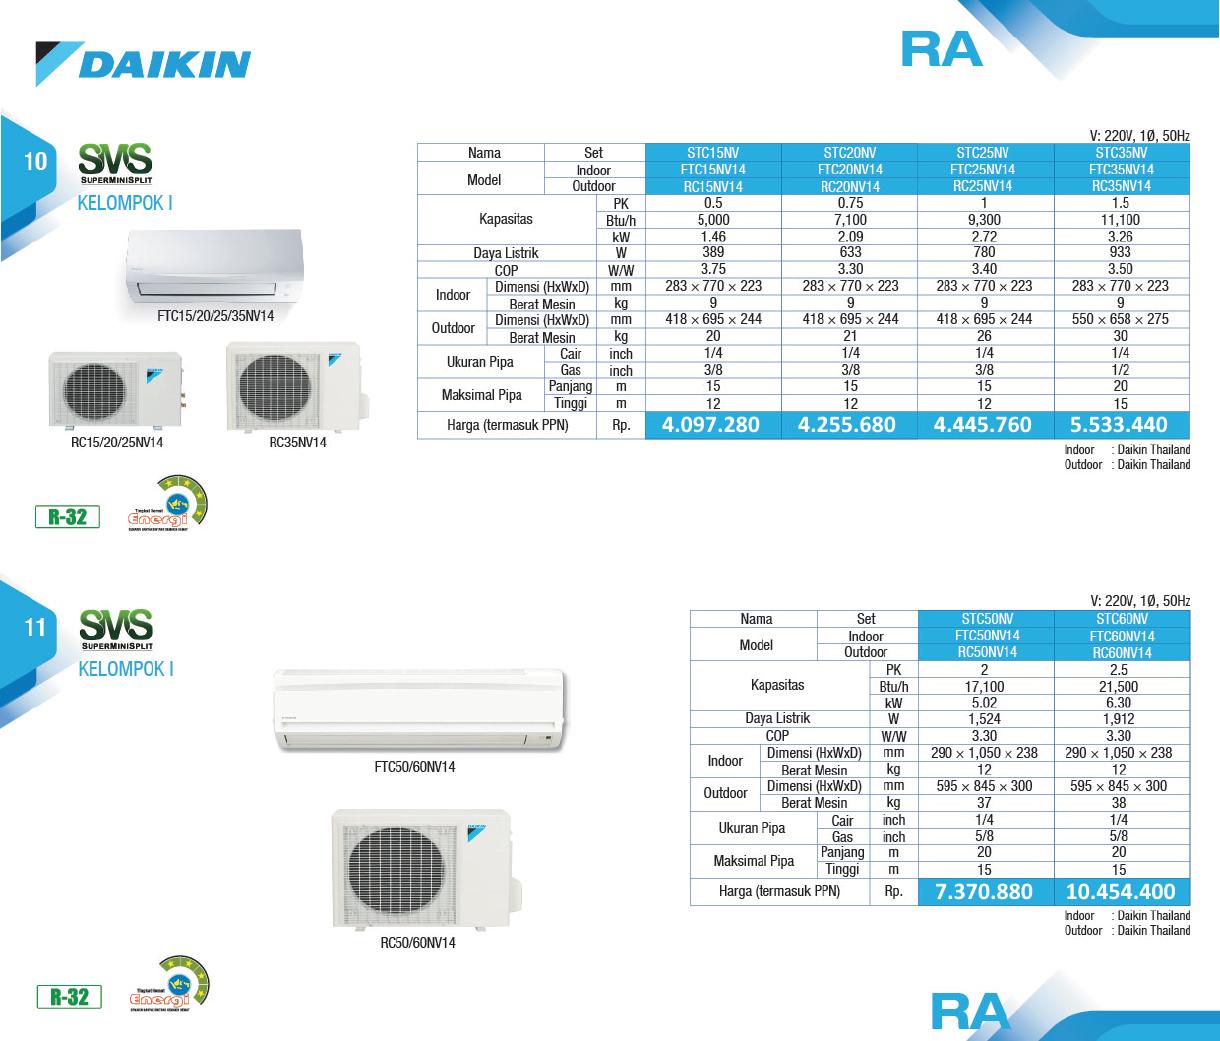 Harga AC Daikin SMS Super Mini Split - Service AC Daikin - Distributor AC Daikin